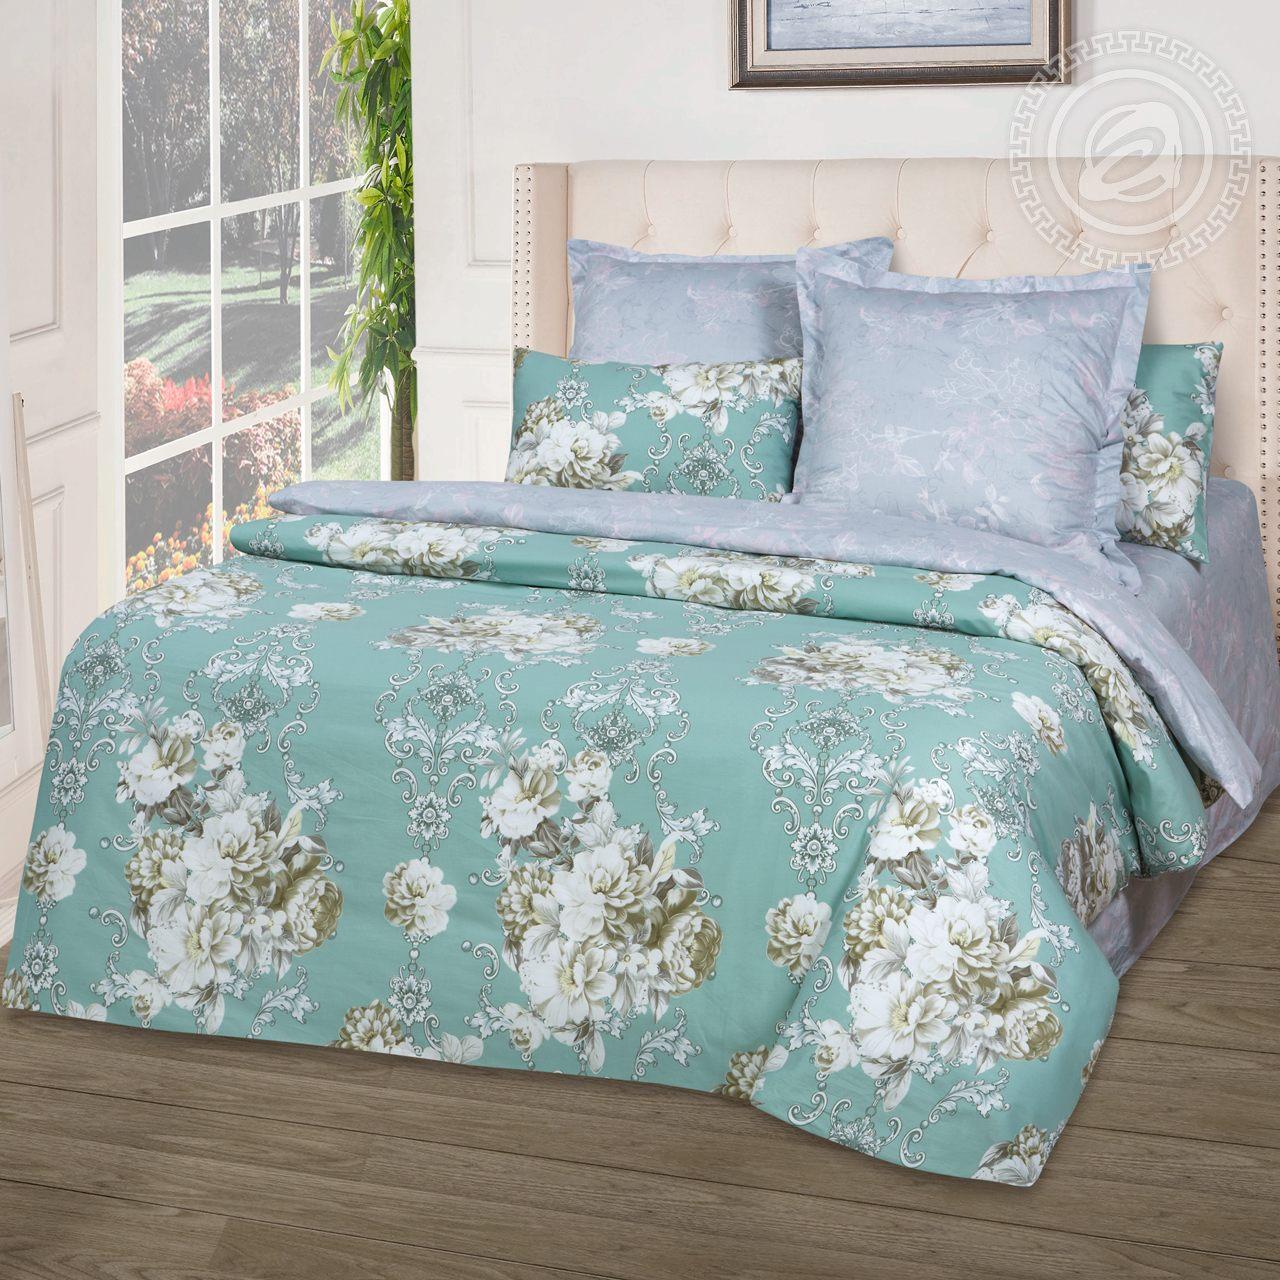 Постельное белье Амель (сатин) (1,5 спальный) постельное белье пузыри сатин 1 5 спальный